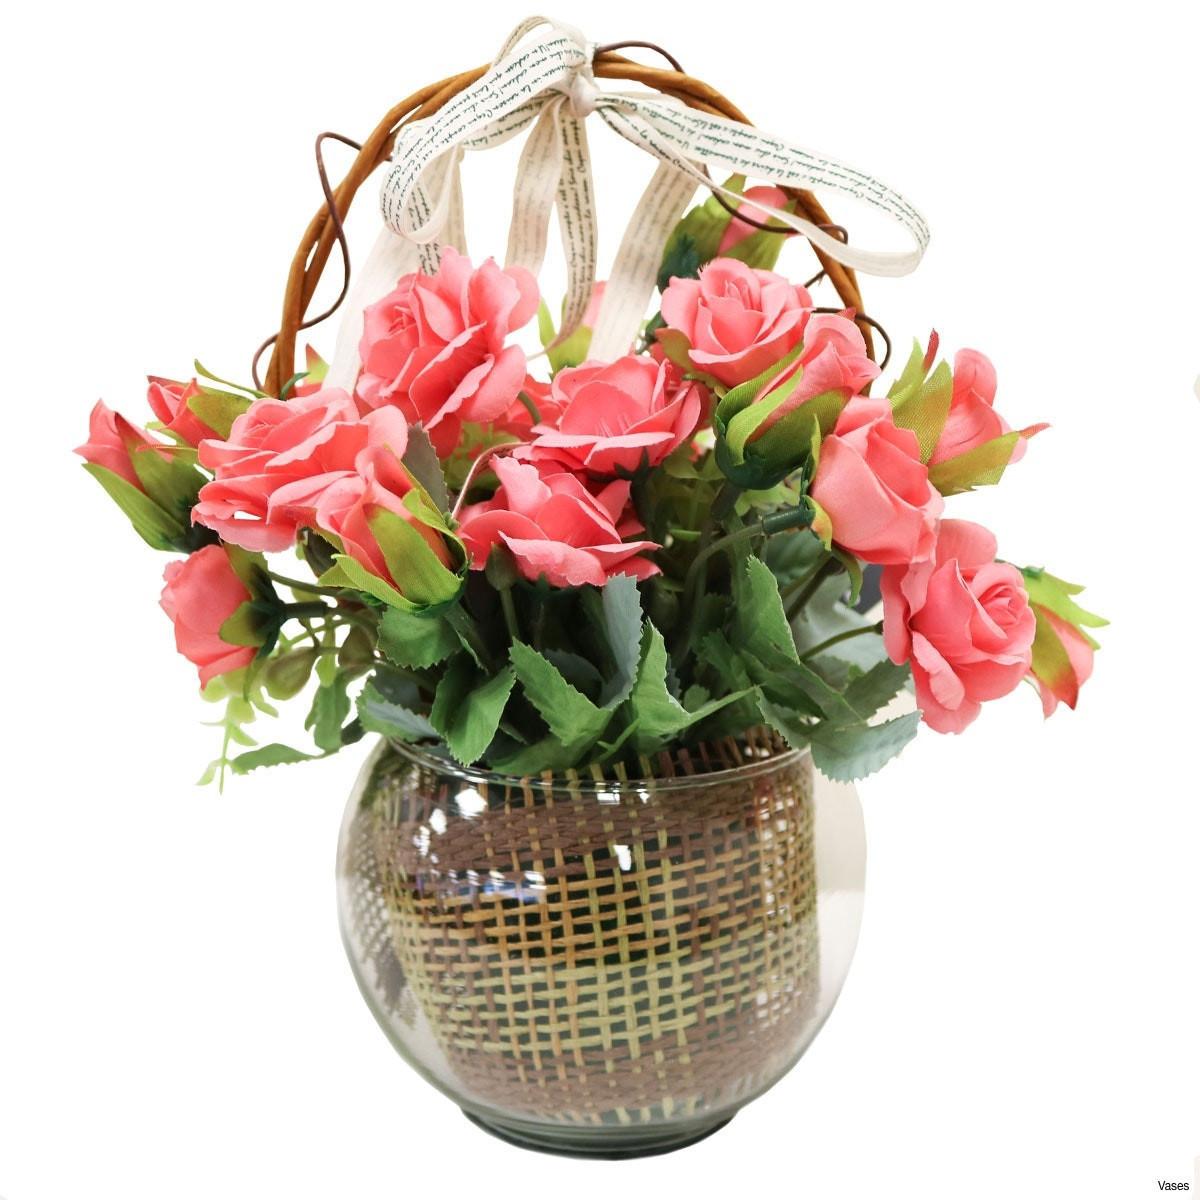 wine glass flower vase of 30 elegant flower basket decoration flower decoration ideas pertaining to bf142 11km 1200x1200h vases pink flower vase i 0d gold inspiration